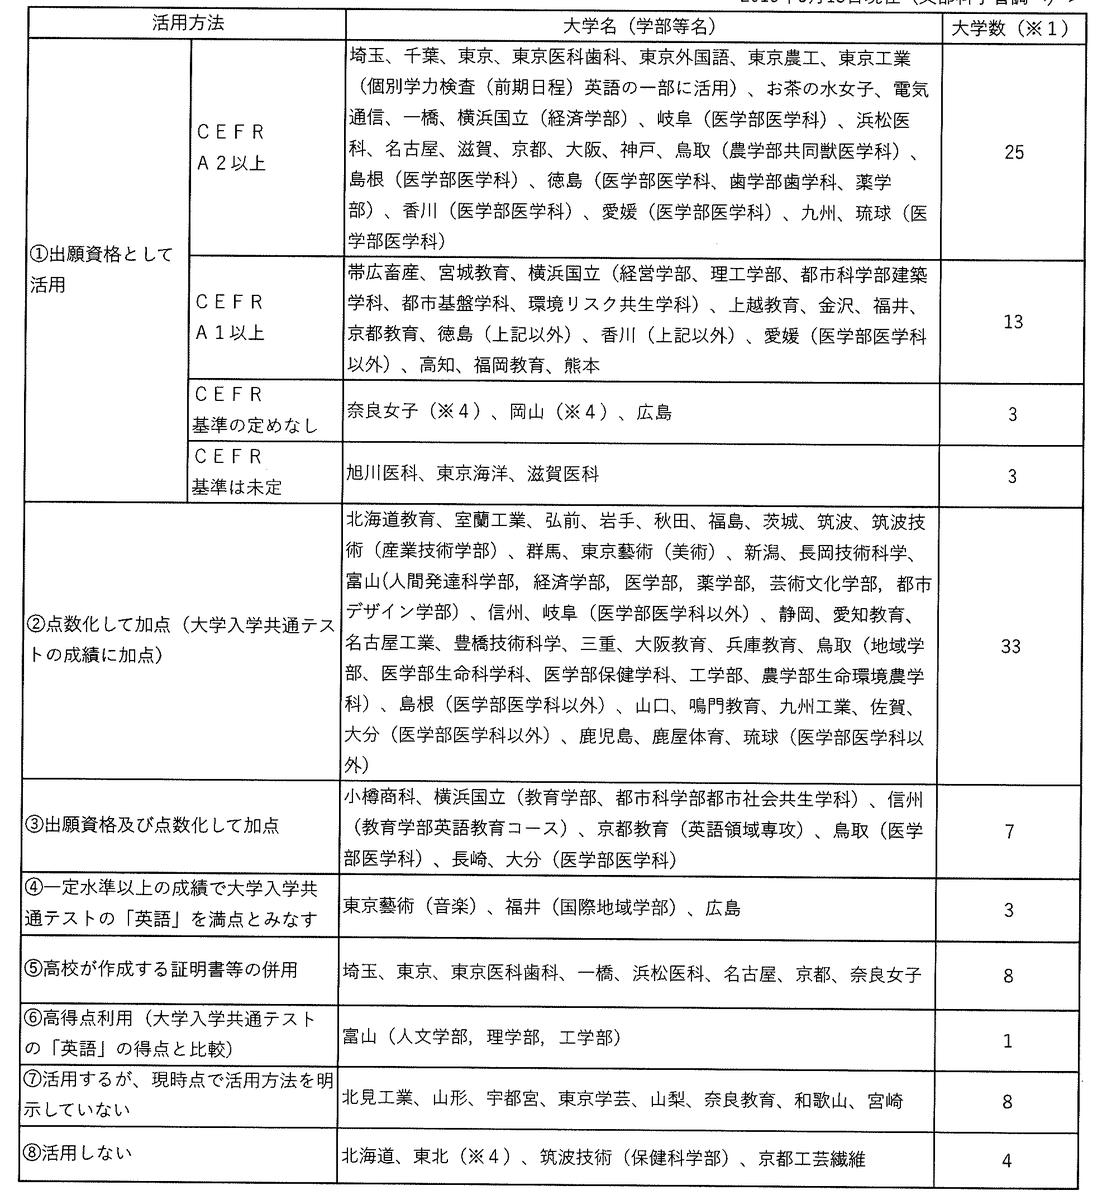 f:id:tokoyakanbannet:20190606164856p:plain